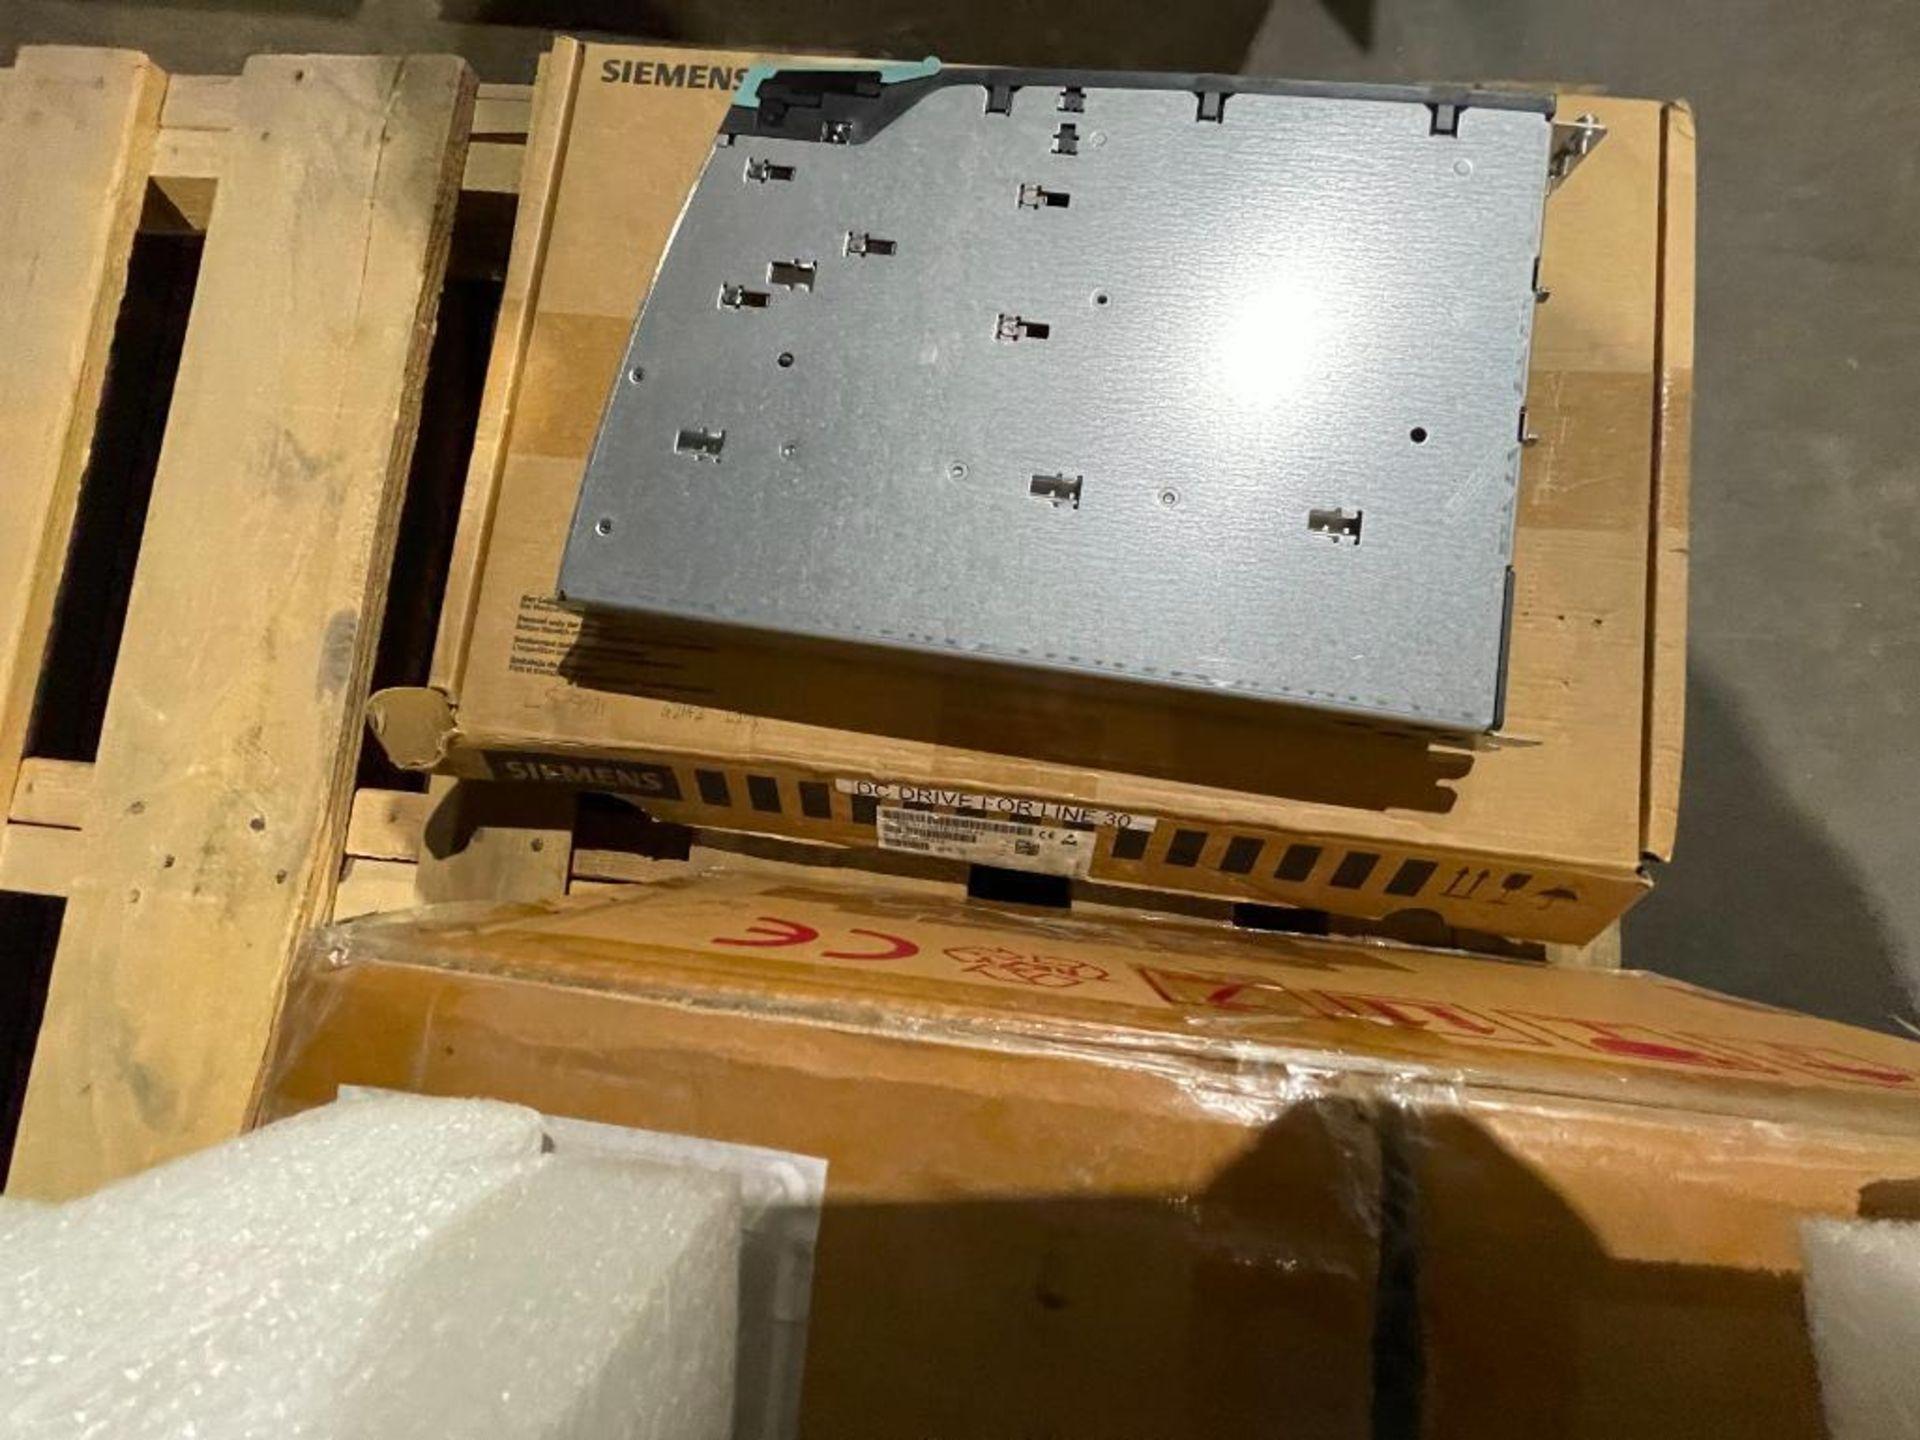 Wonderware touch screen panel - Image 5 of 6